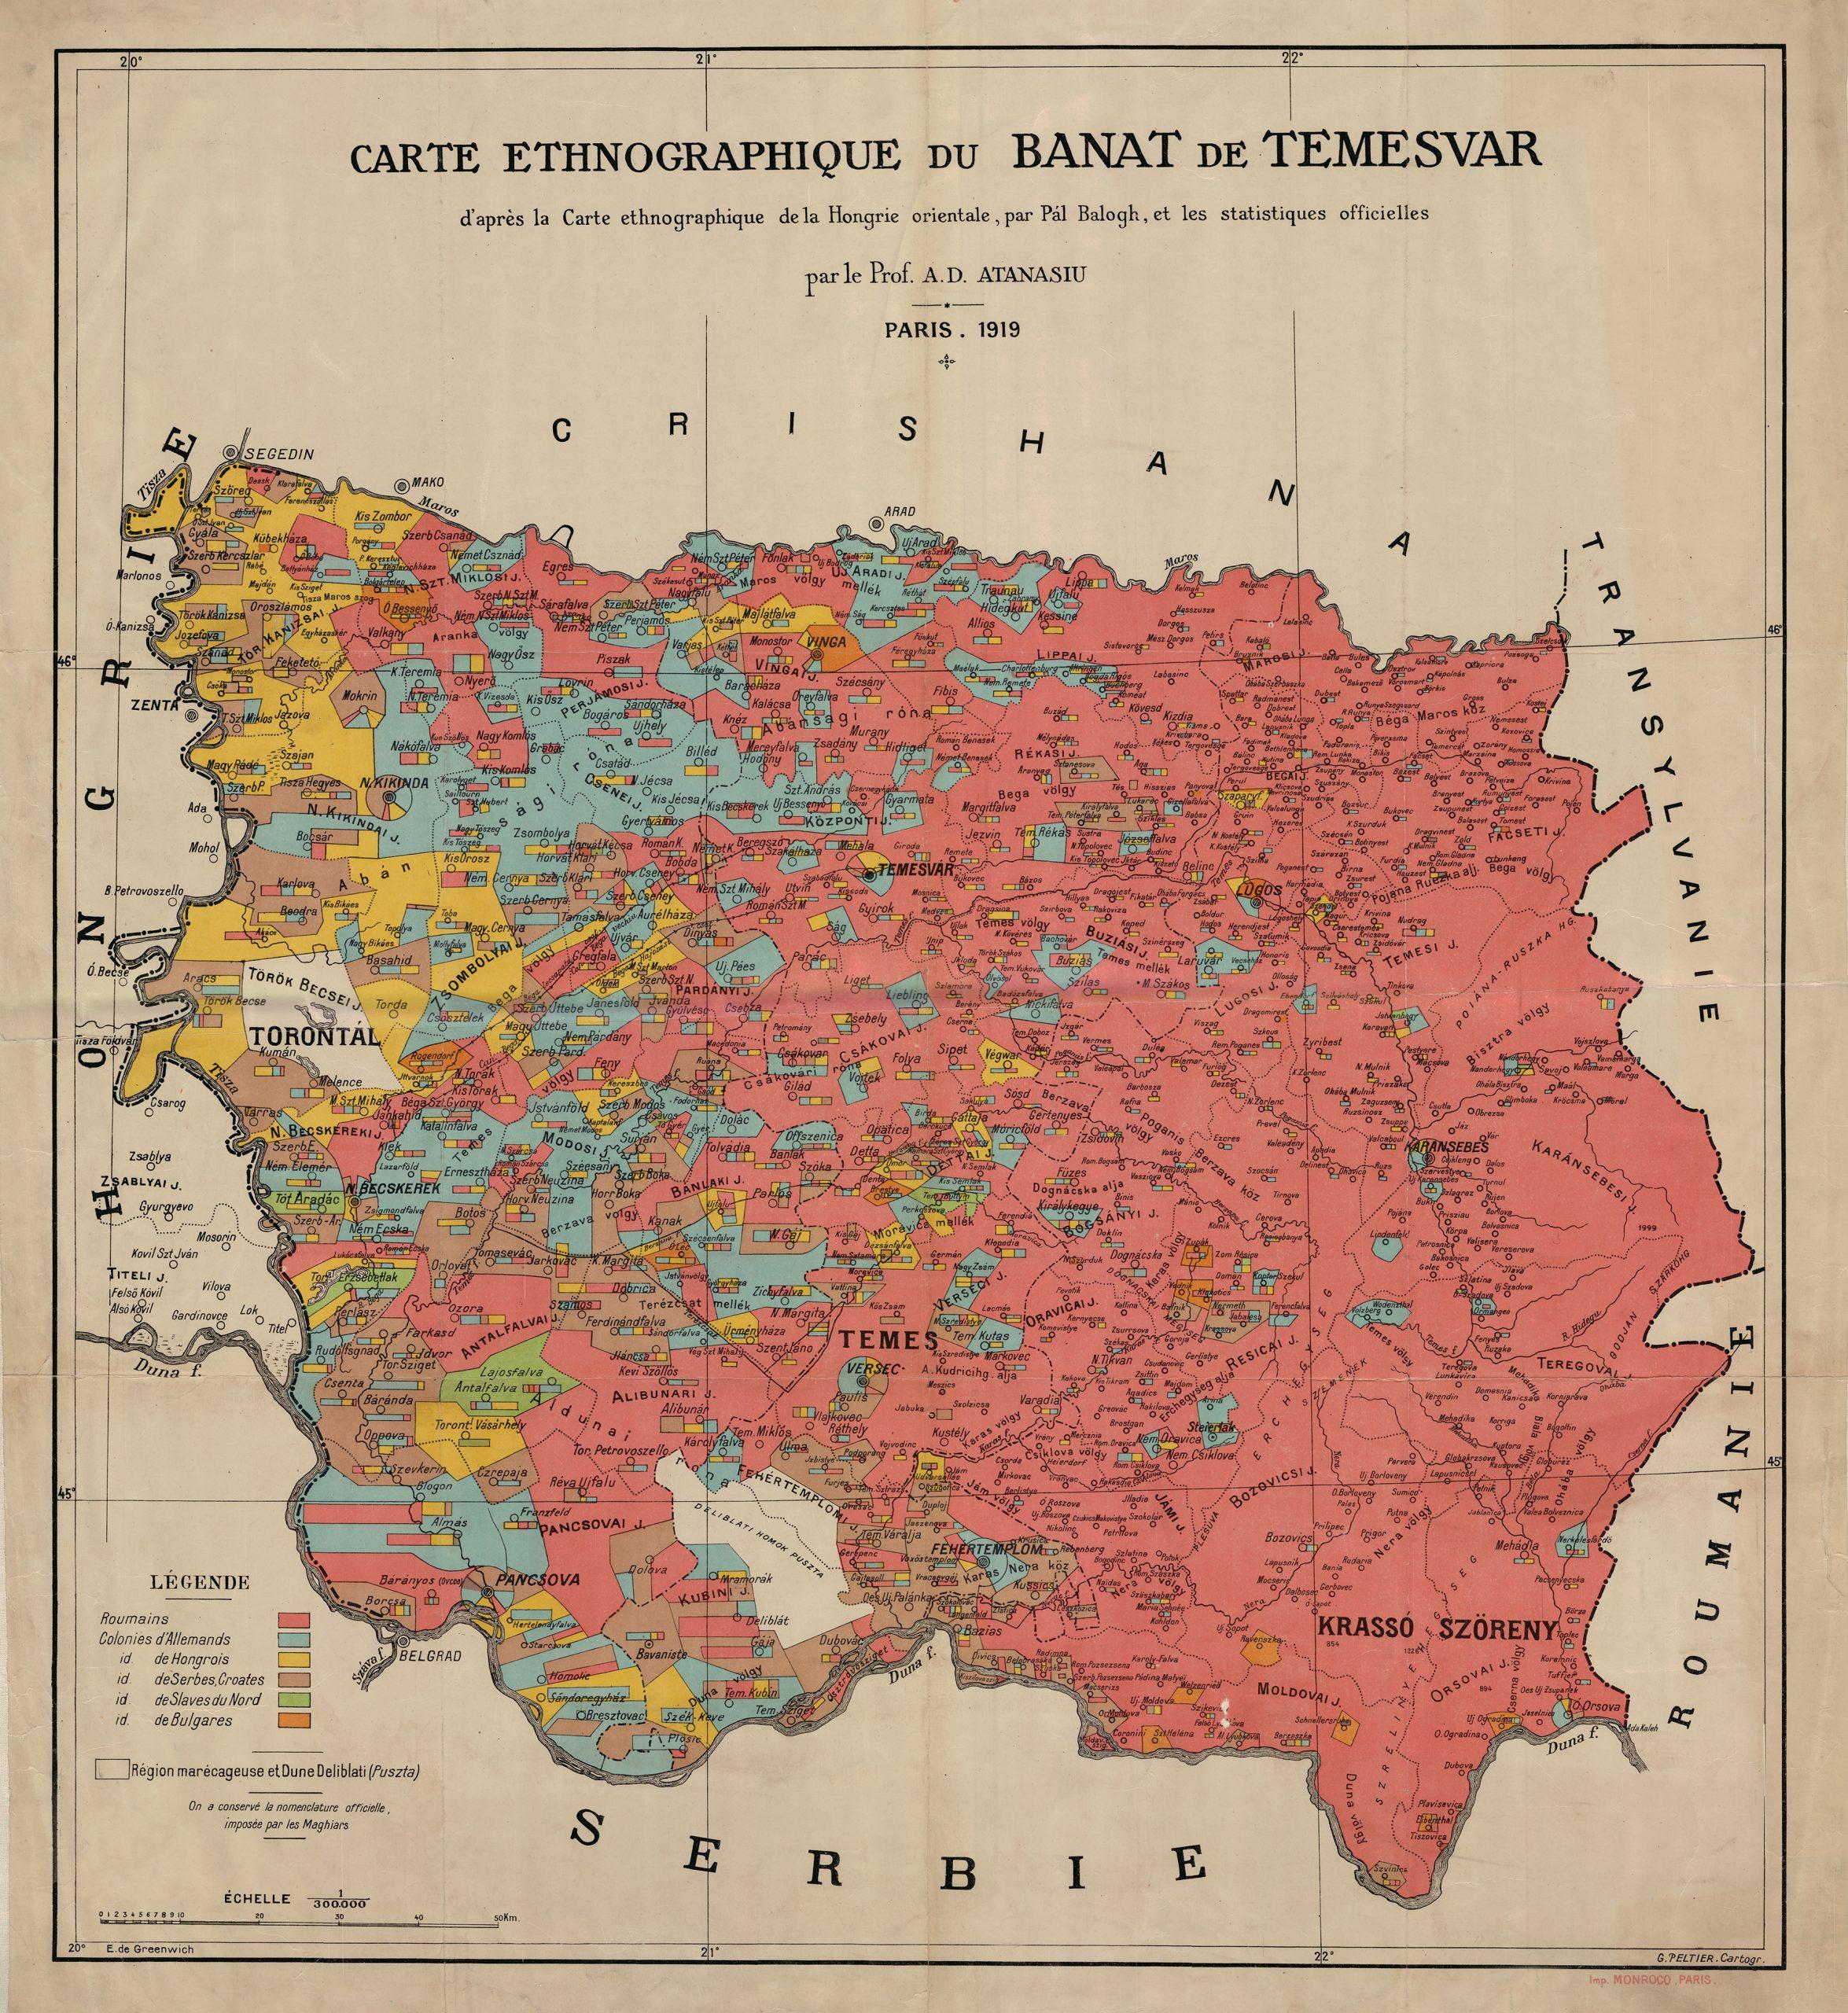 Hartă  realizată de A. D. Athanasiu,  Carte ethnographique du Banat de Temesvar d'après la Carte ethnographique de la Hongrie orientale, par Pál Balogh, et les statistiques officielles, 1919, Paris ; 90x80cm ; 1/300.000